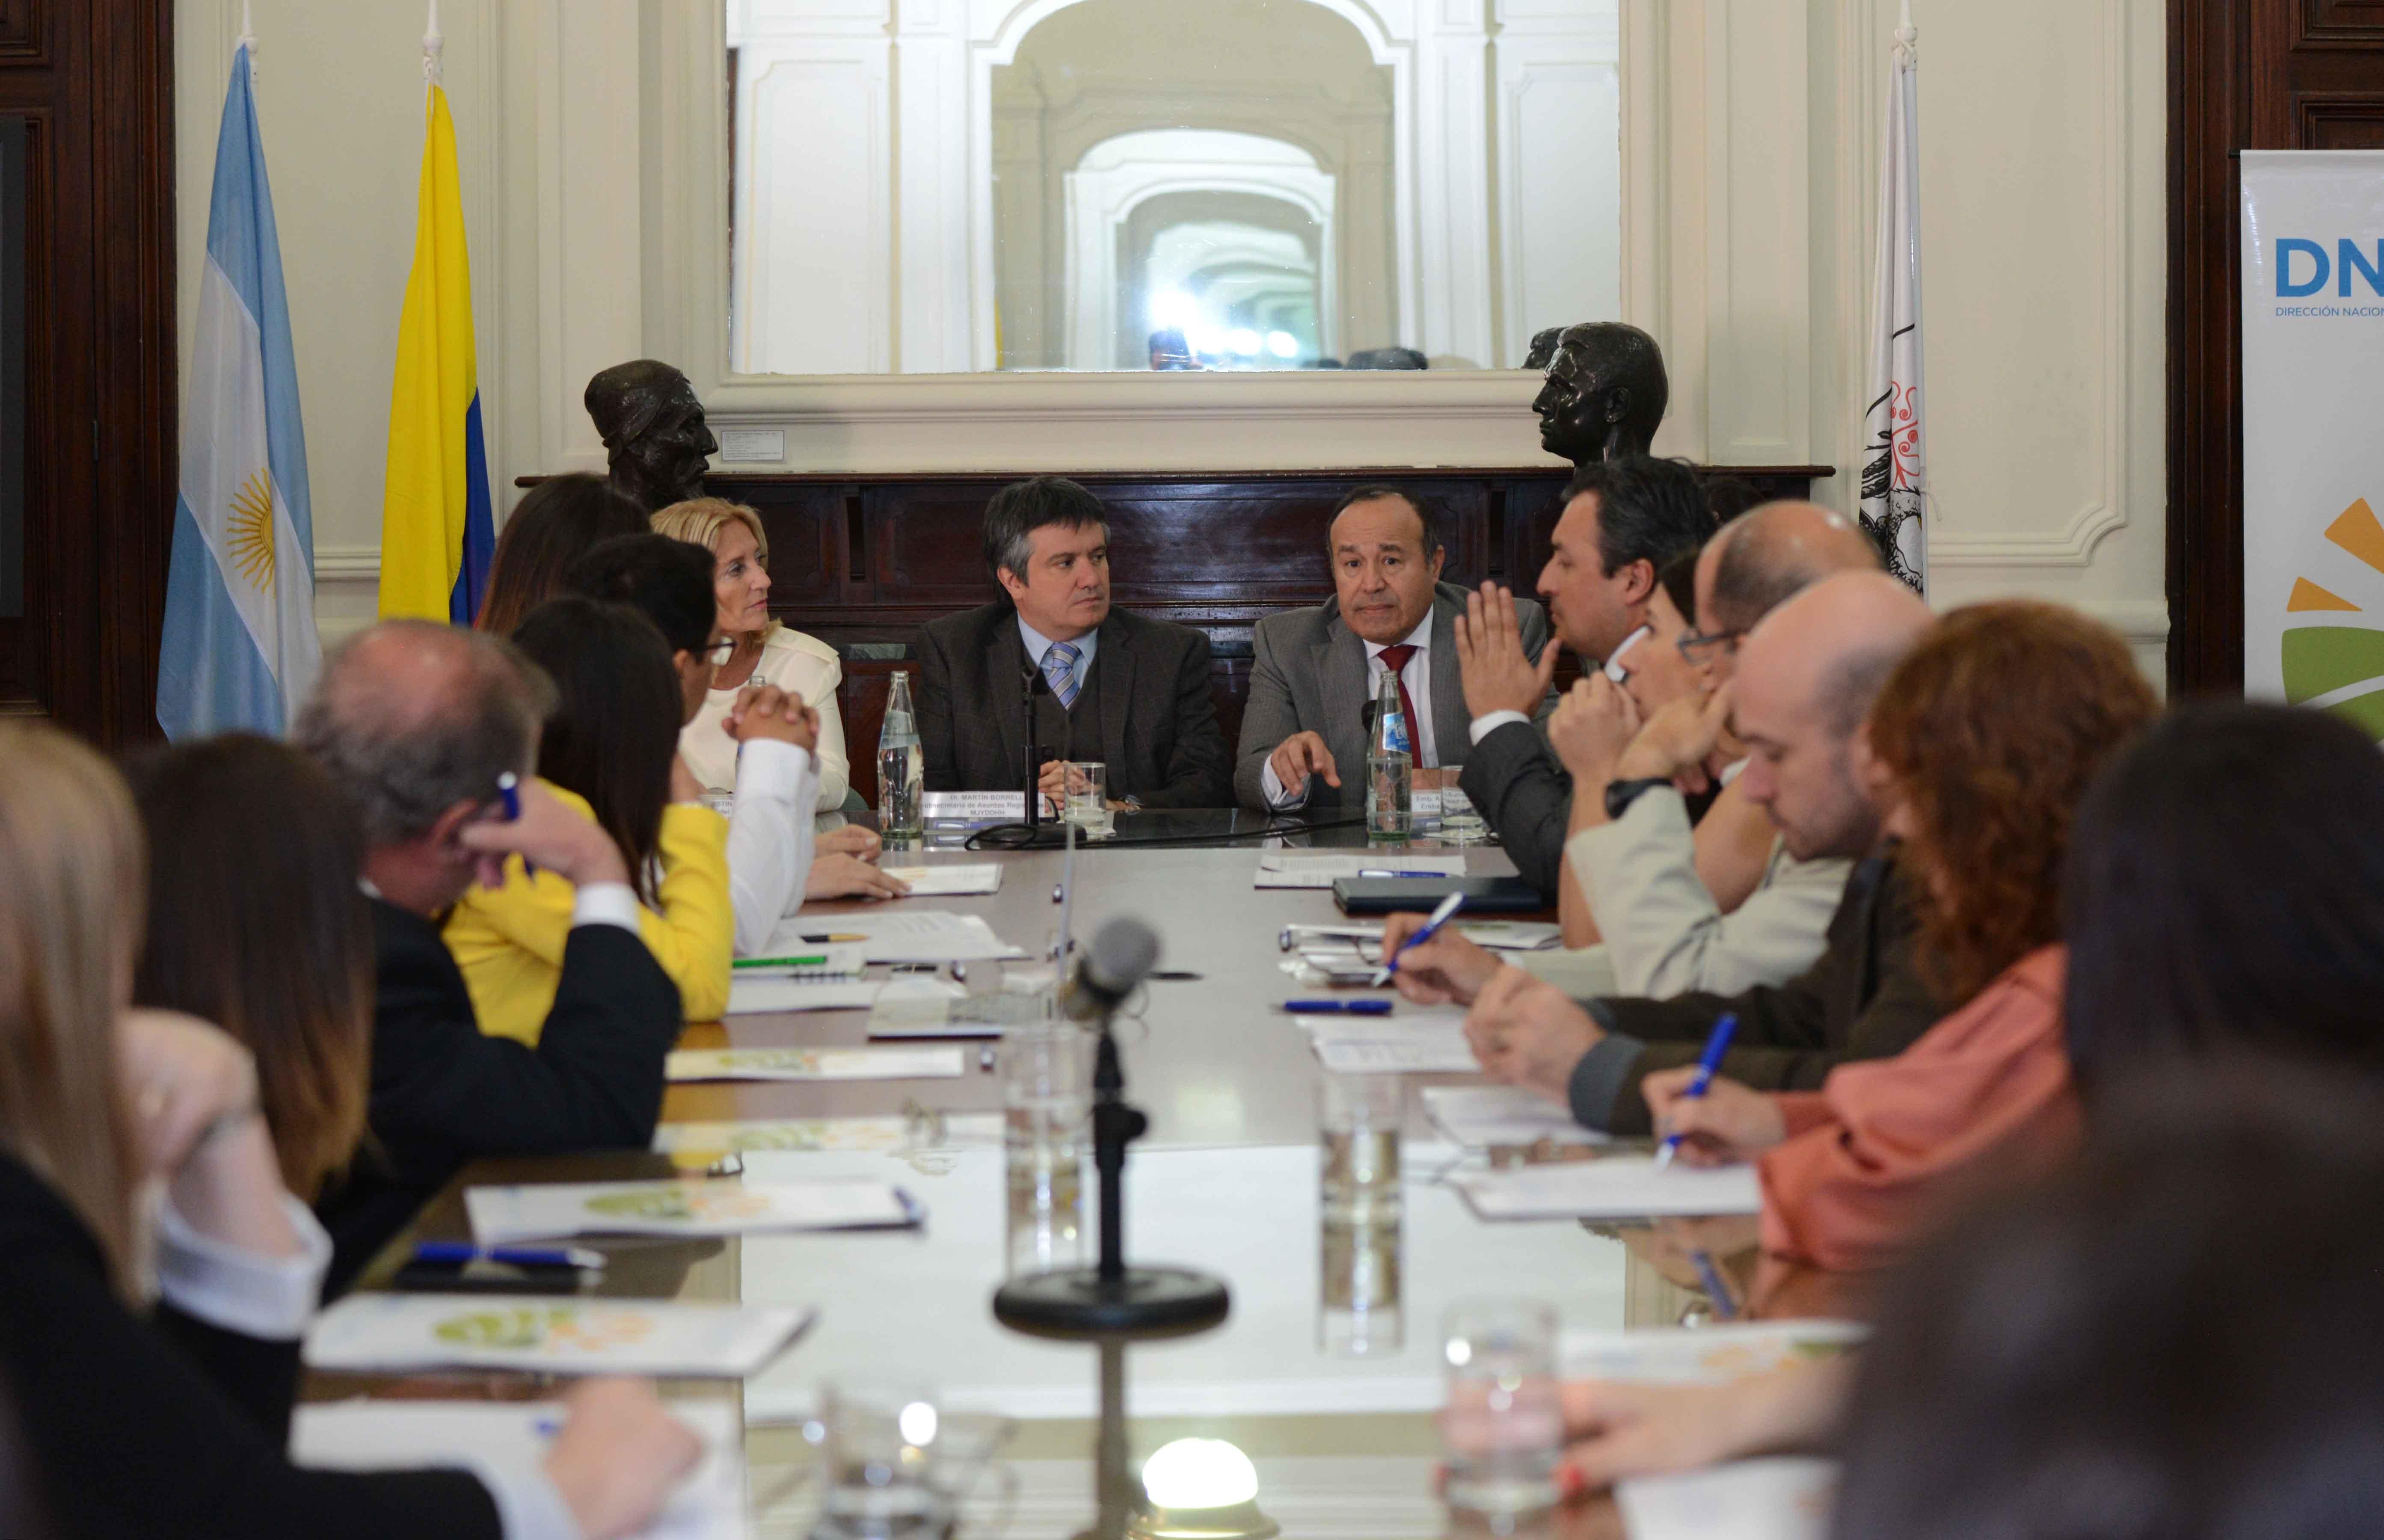 Cooperación argentino-colombiana para el desarrollo regional y la paz